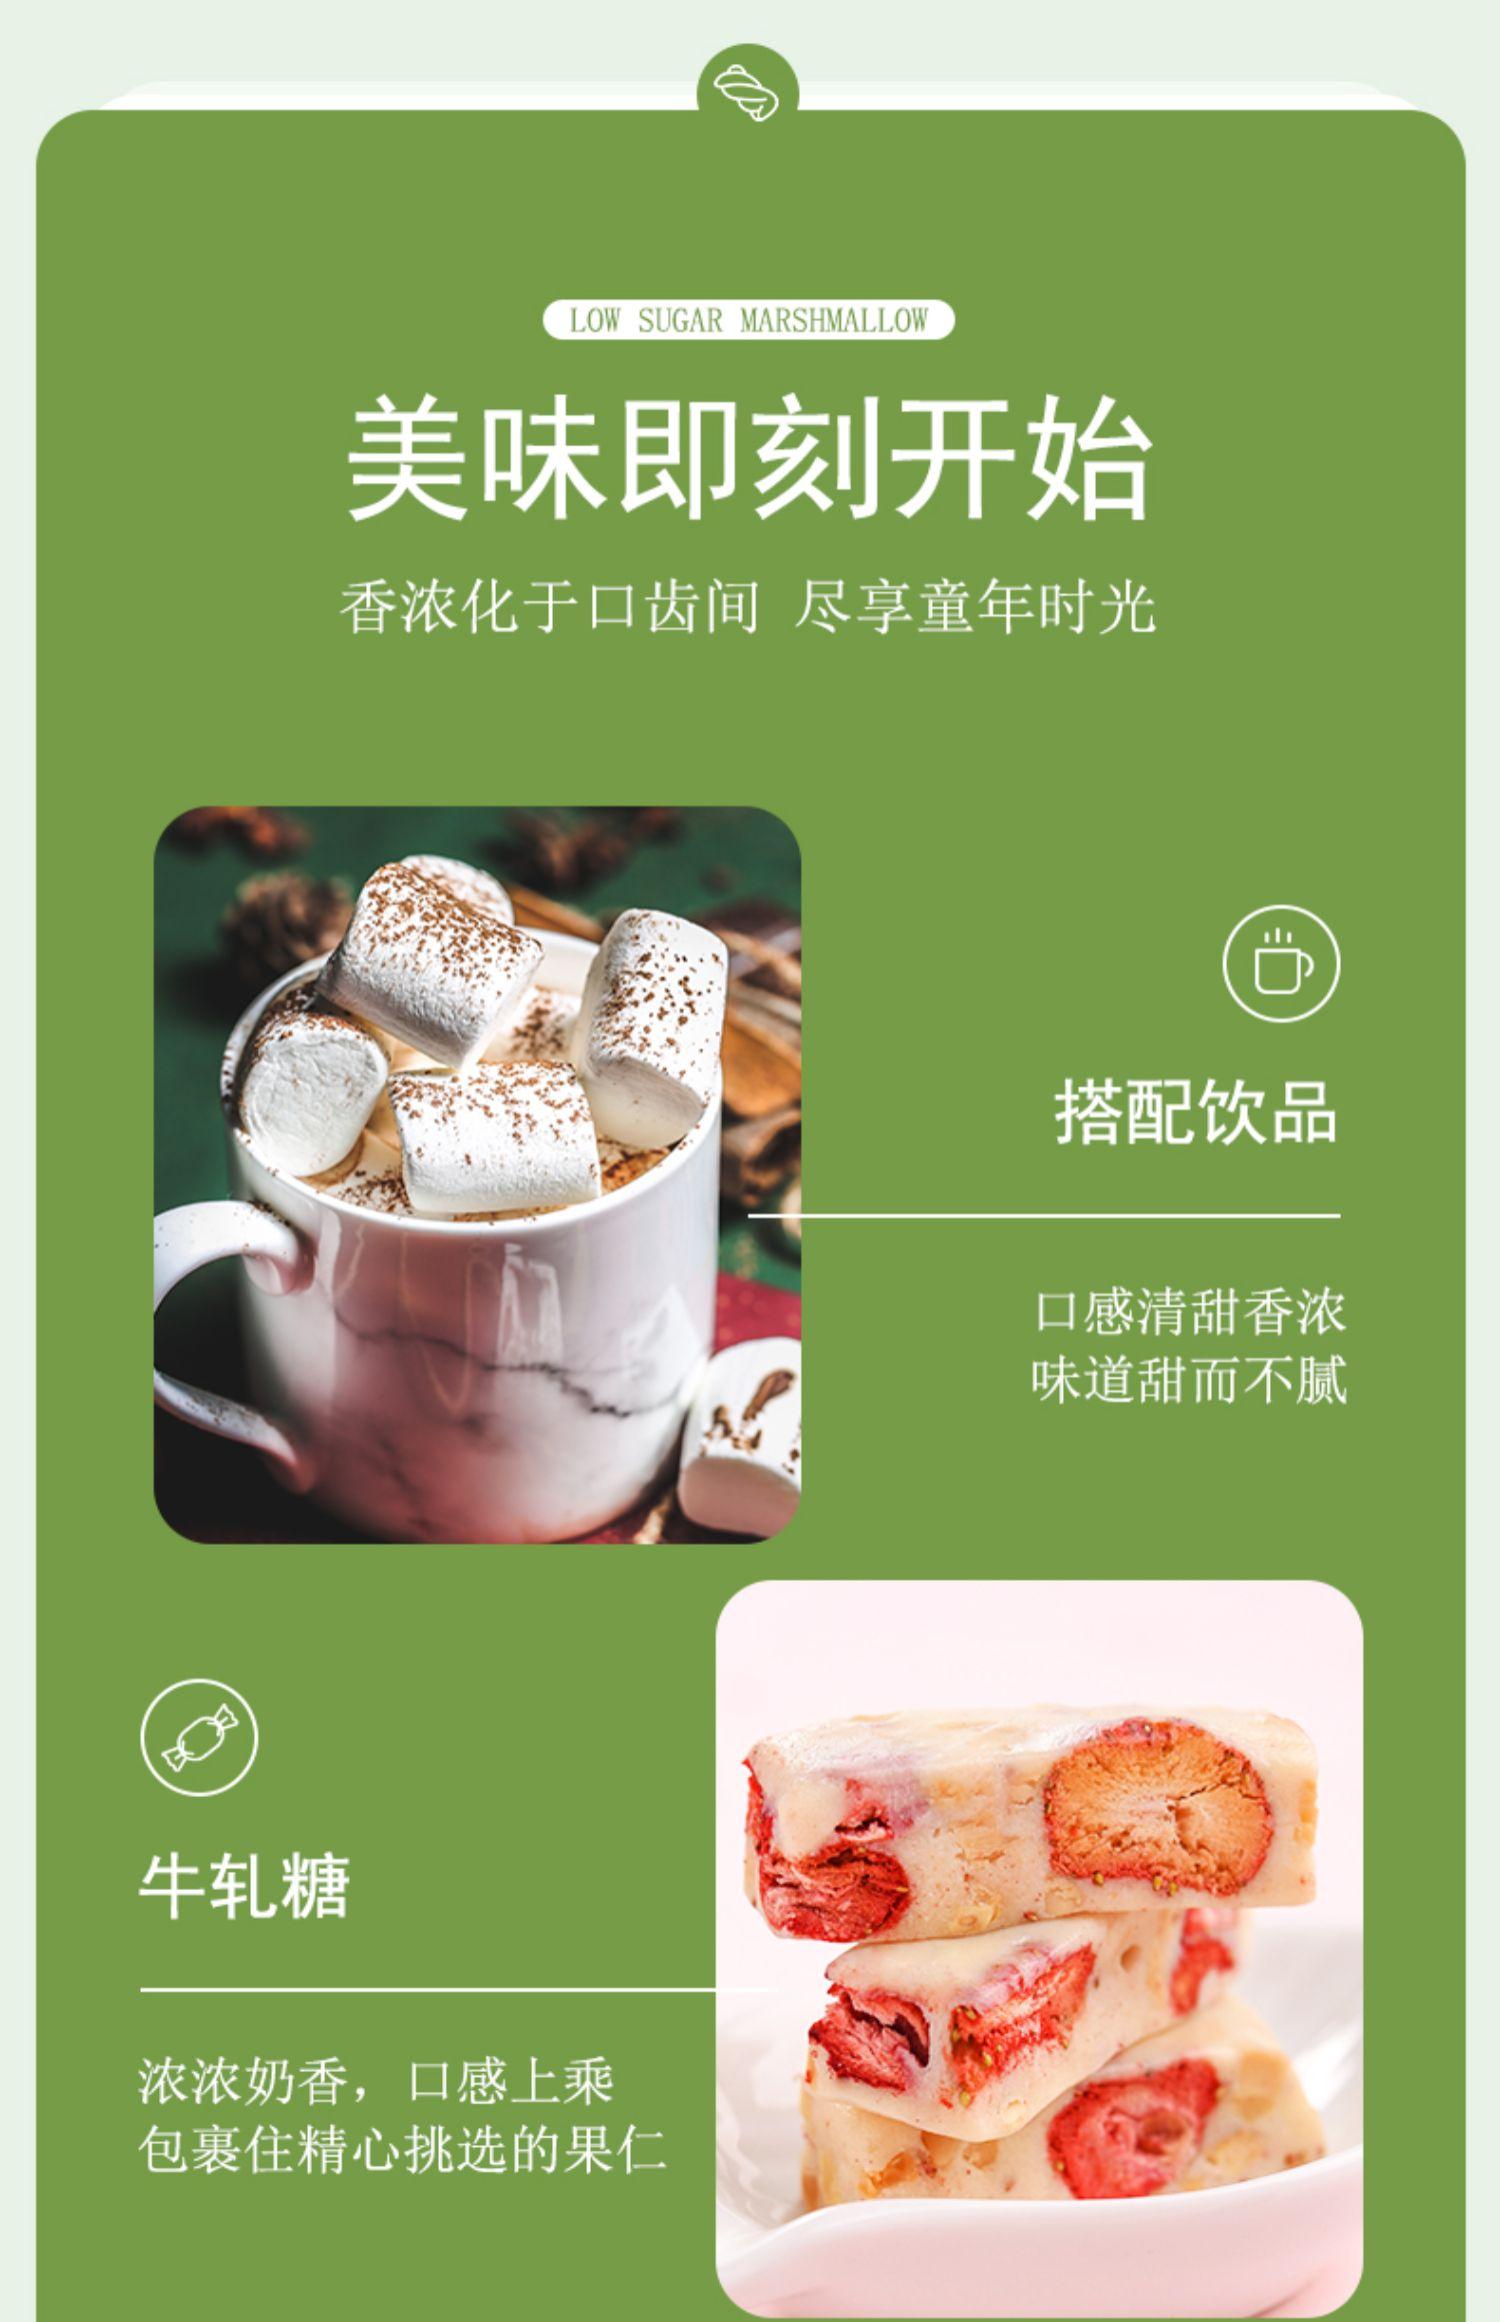 【有礼金】百钻纯白棉花糖200g